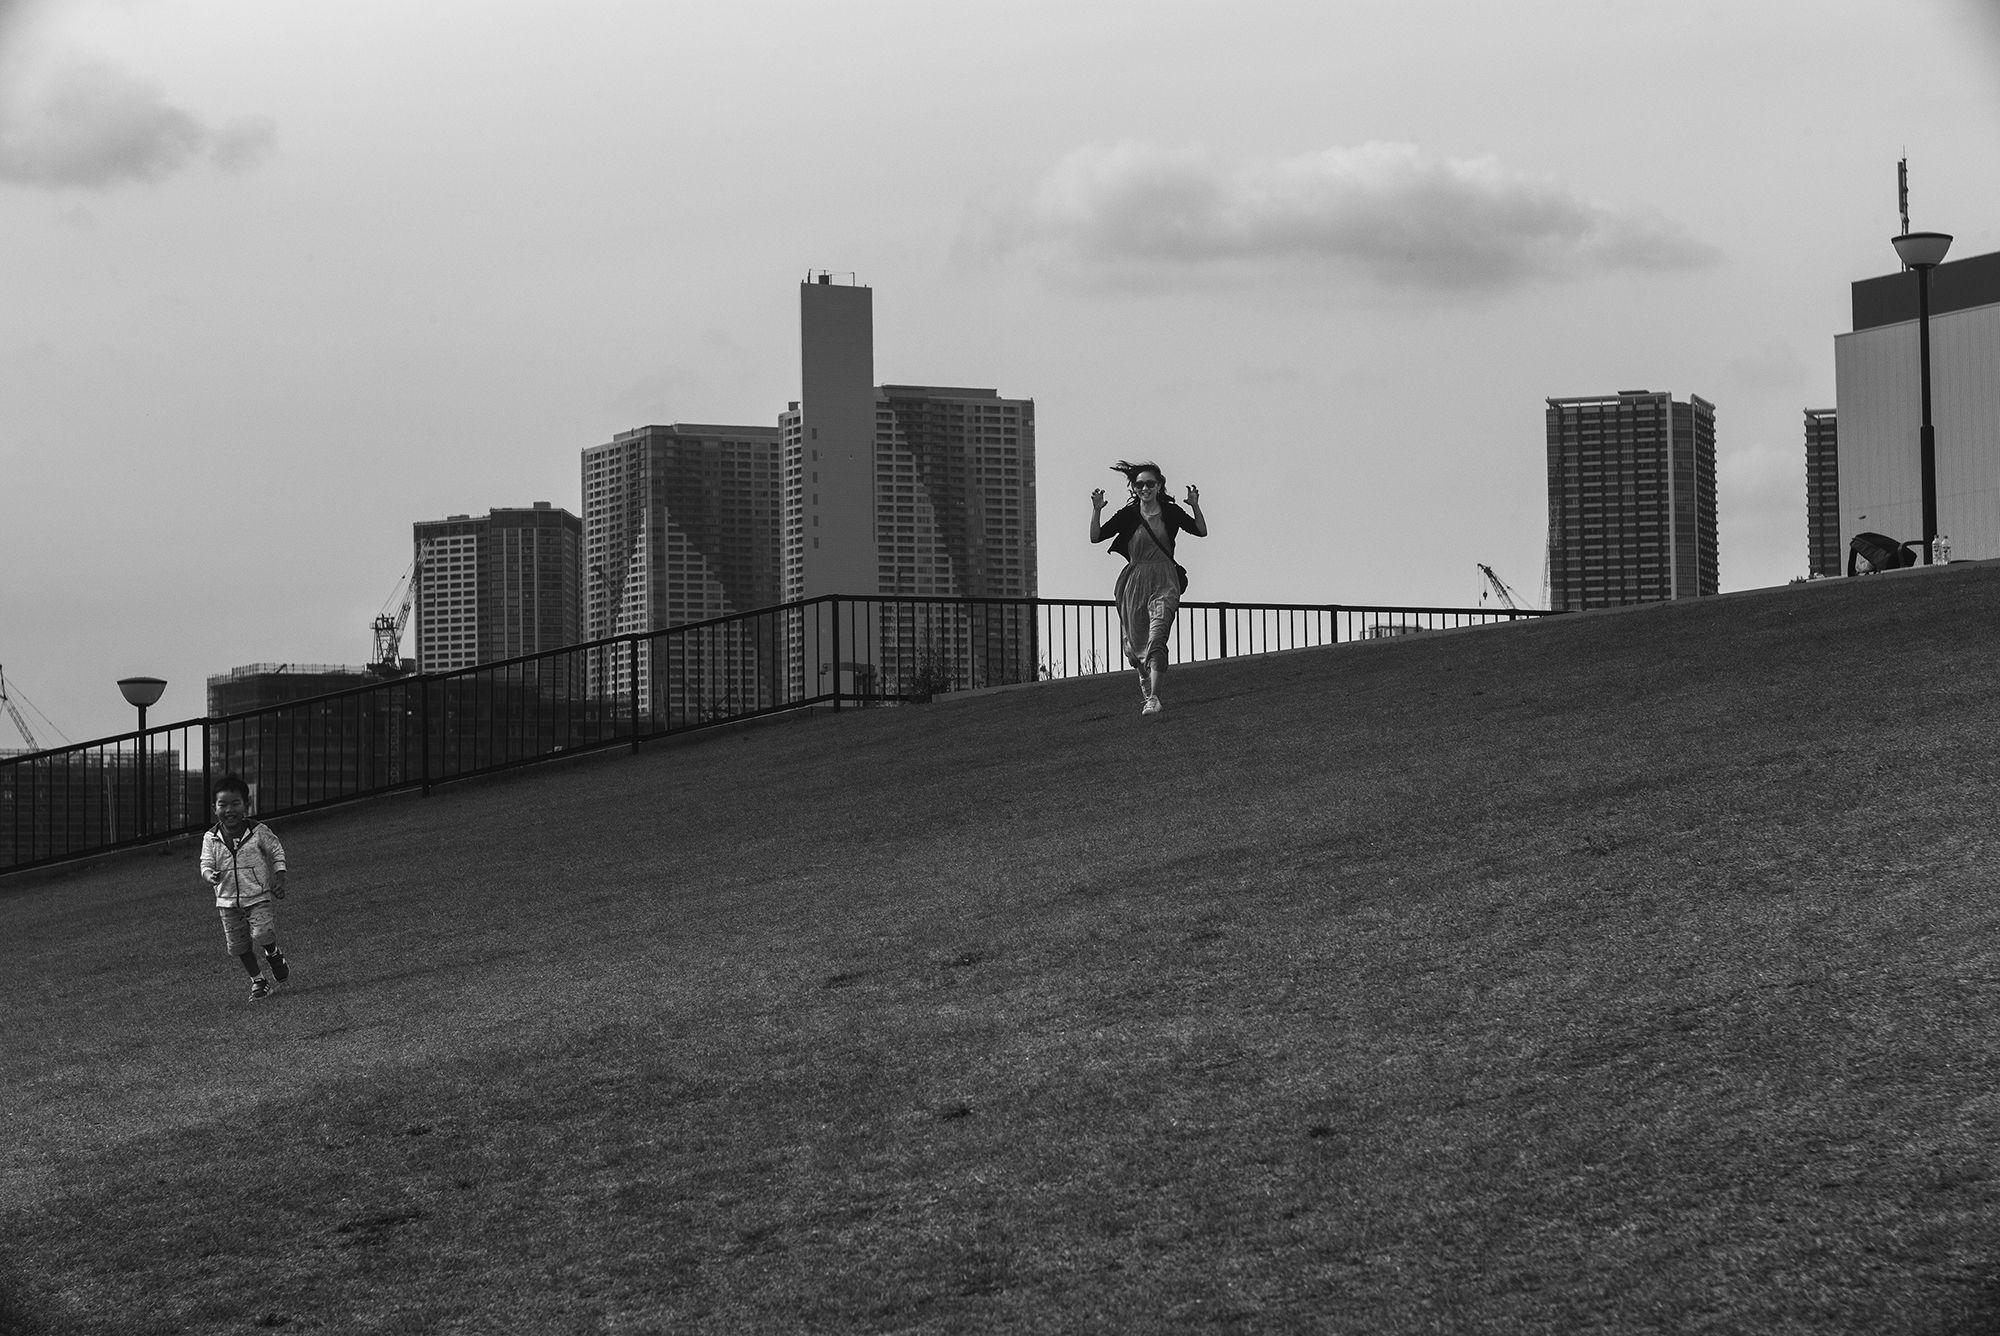 見慣れた光景に思わぬ瞬間が存在する。ライカギャラリー京都で発表される代表作品。Photography by Tatsuki Yoshihiro